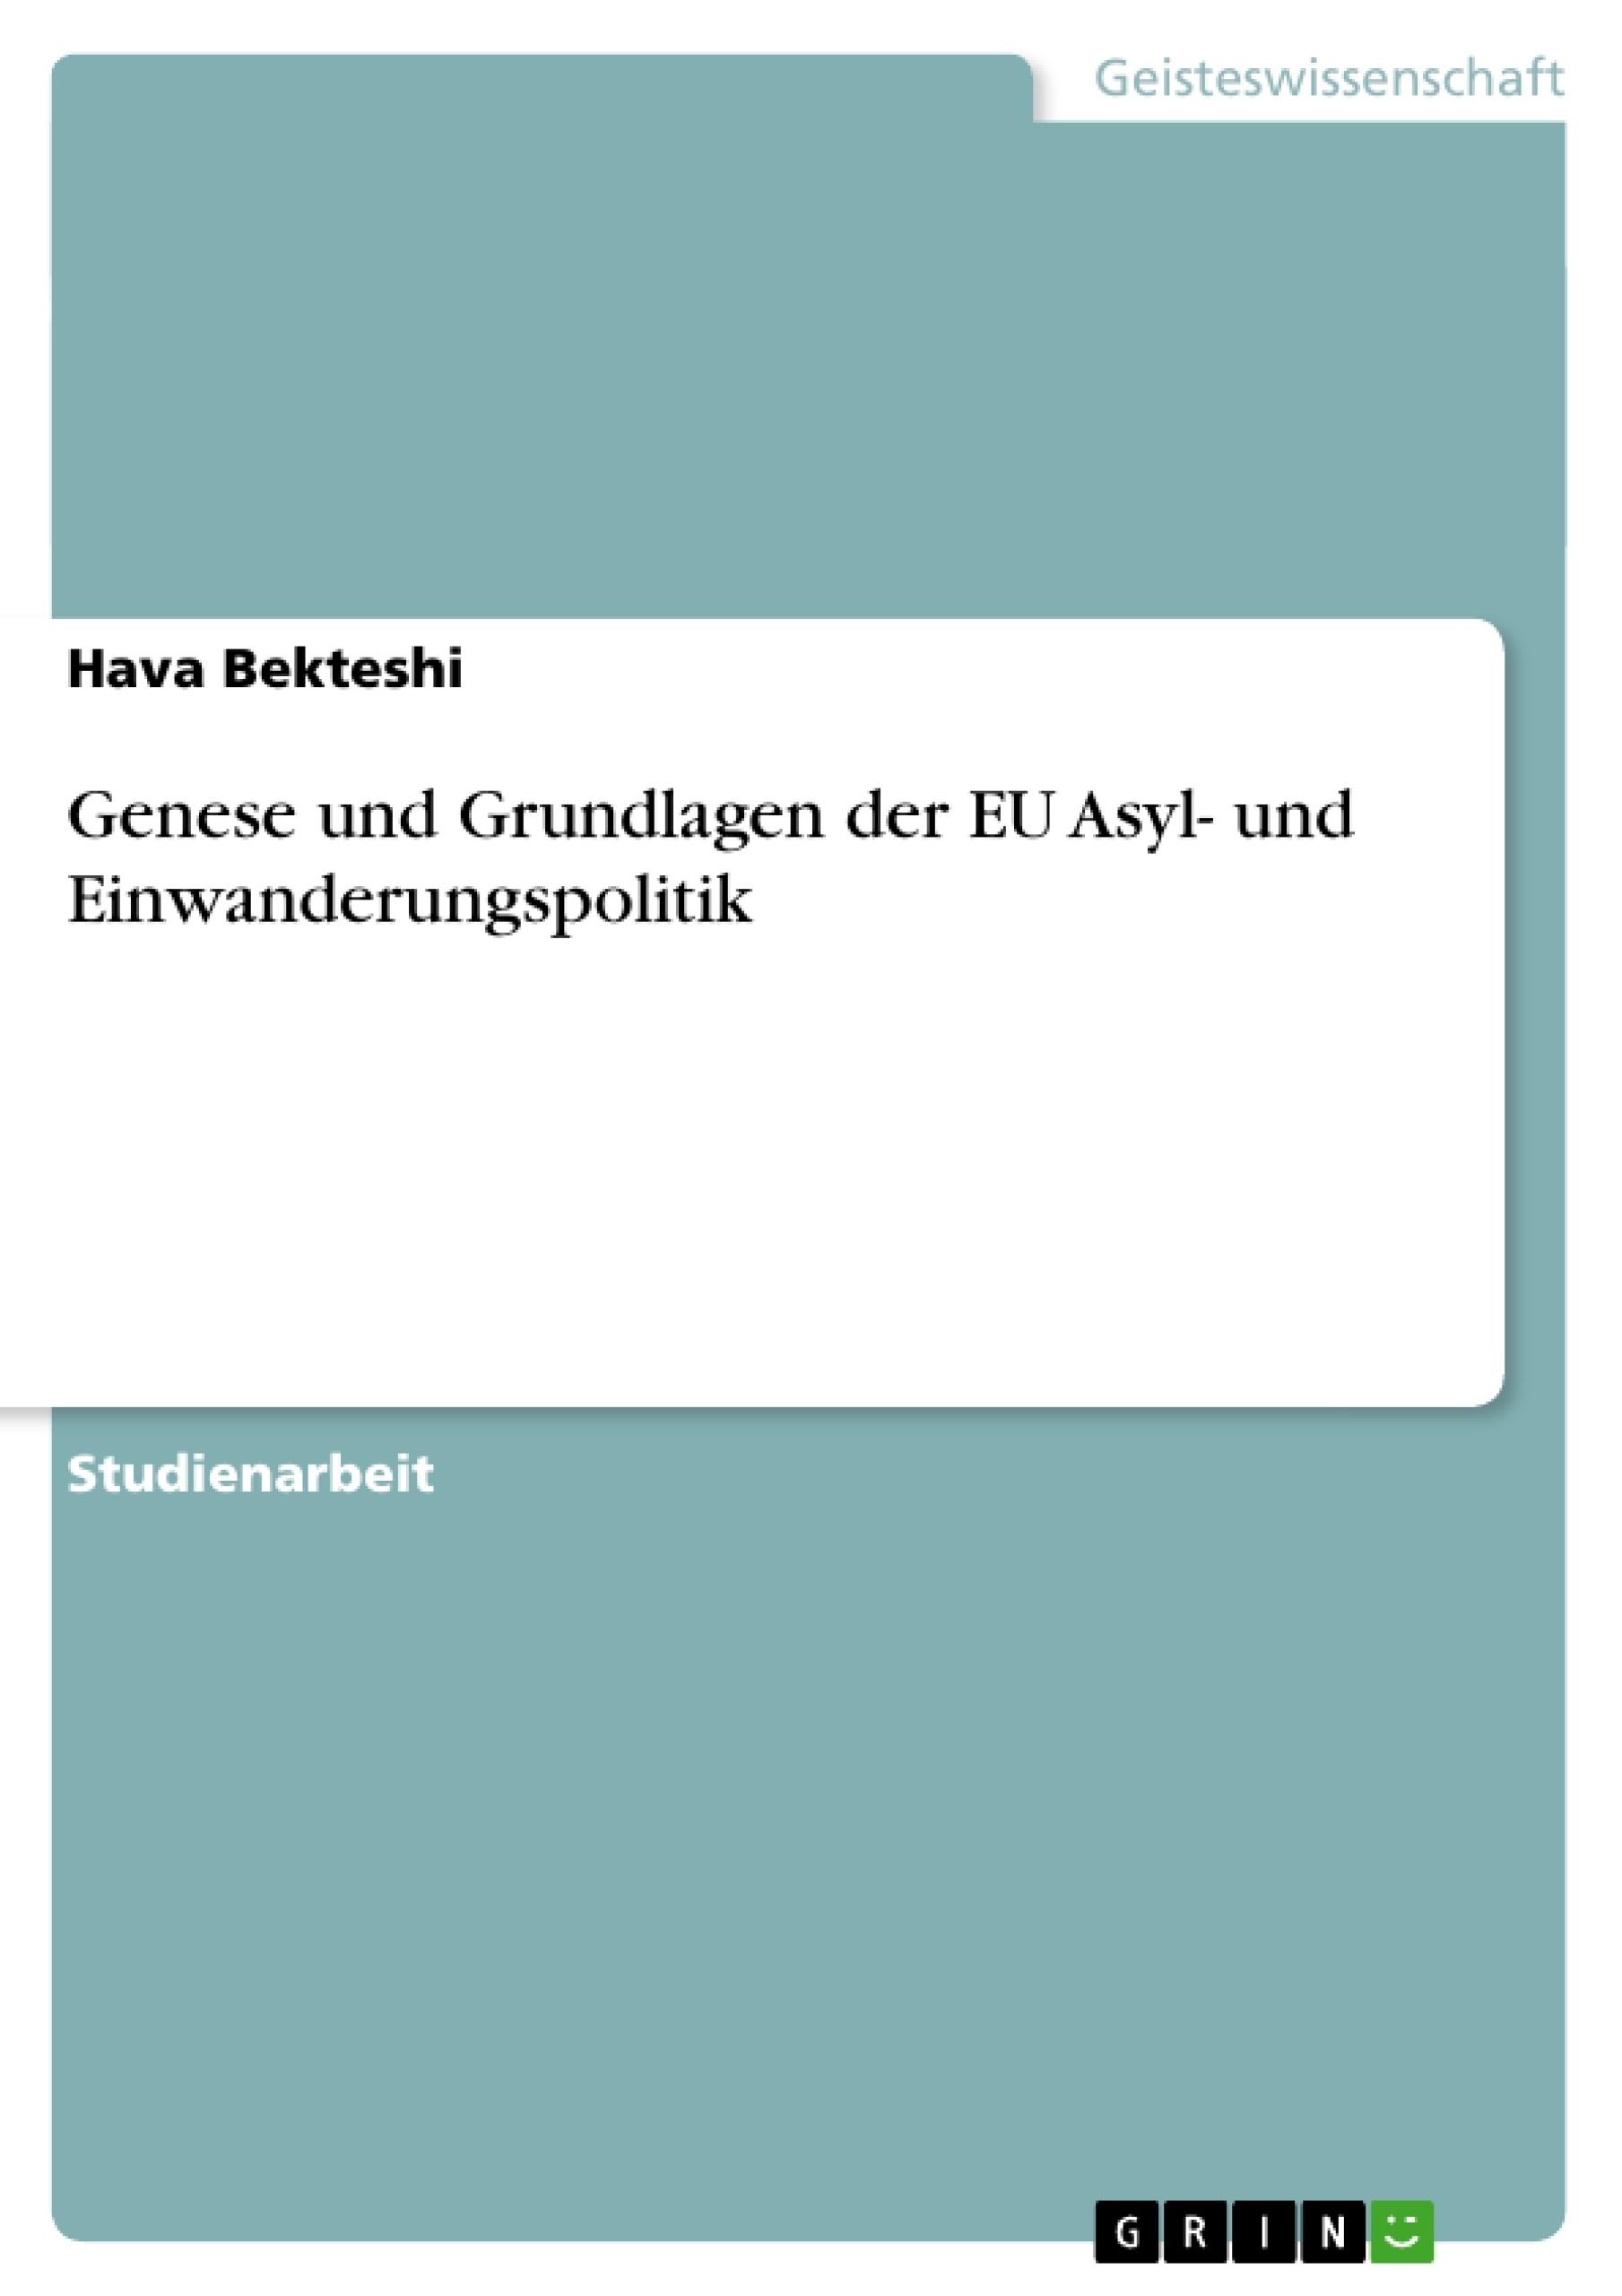 Titel: Genese und Grundlagen der EU Asyl- und Einwanderungspolitik